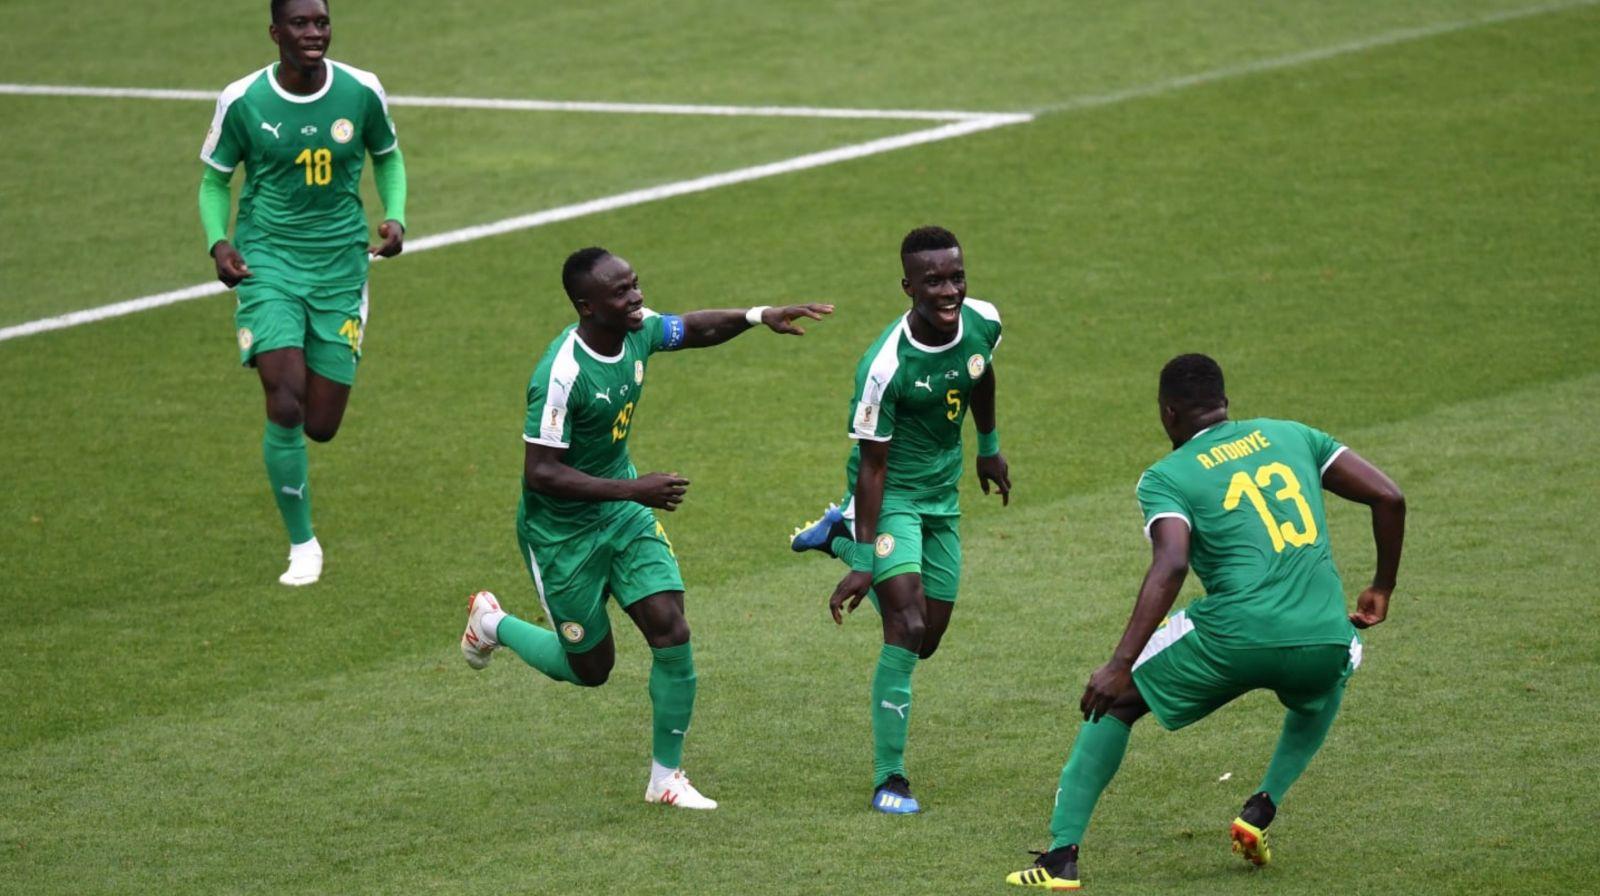 Mondial 2018: Le Sénégal bat la Pologne par 02 buts à 01